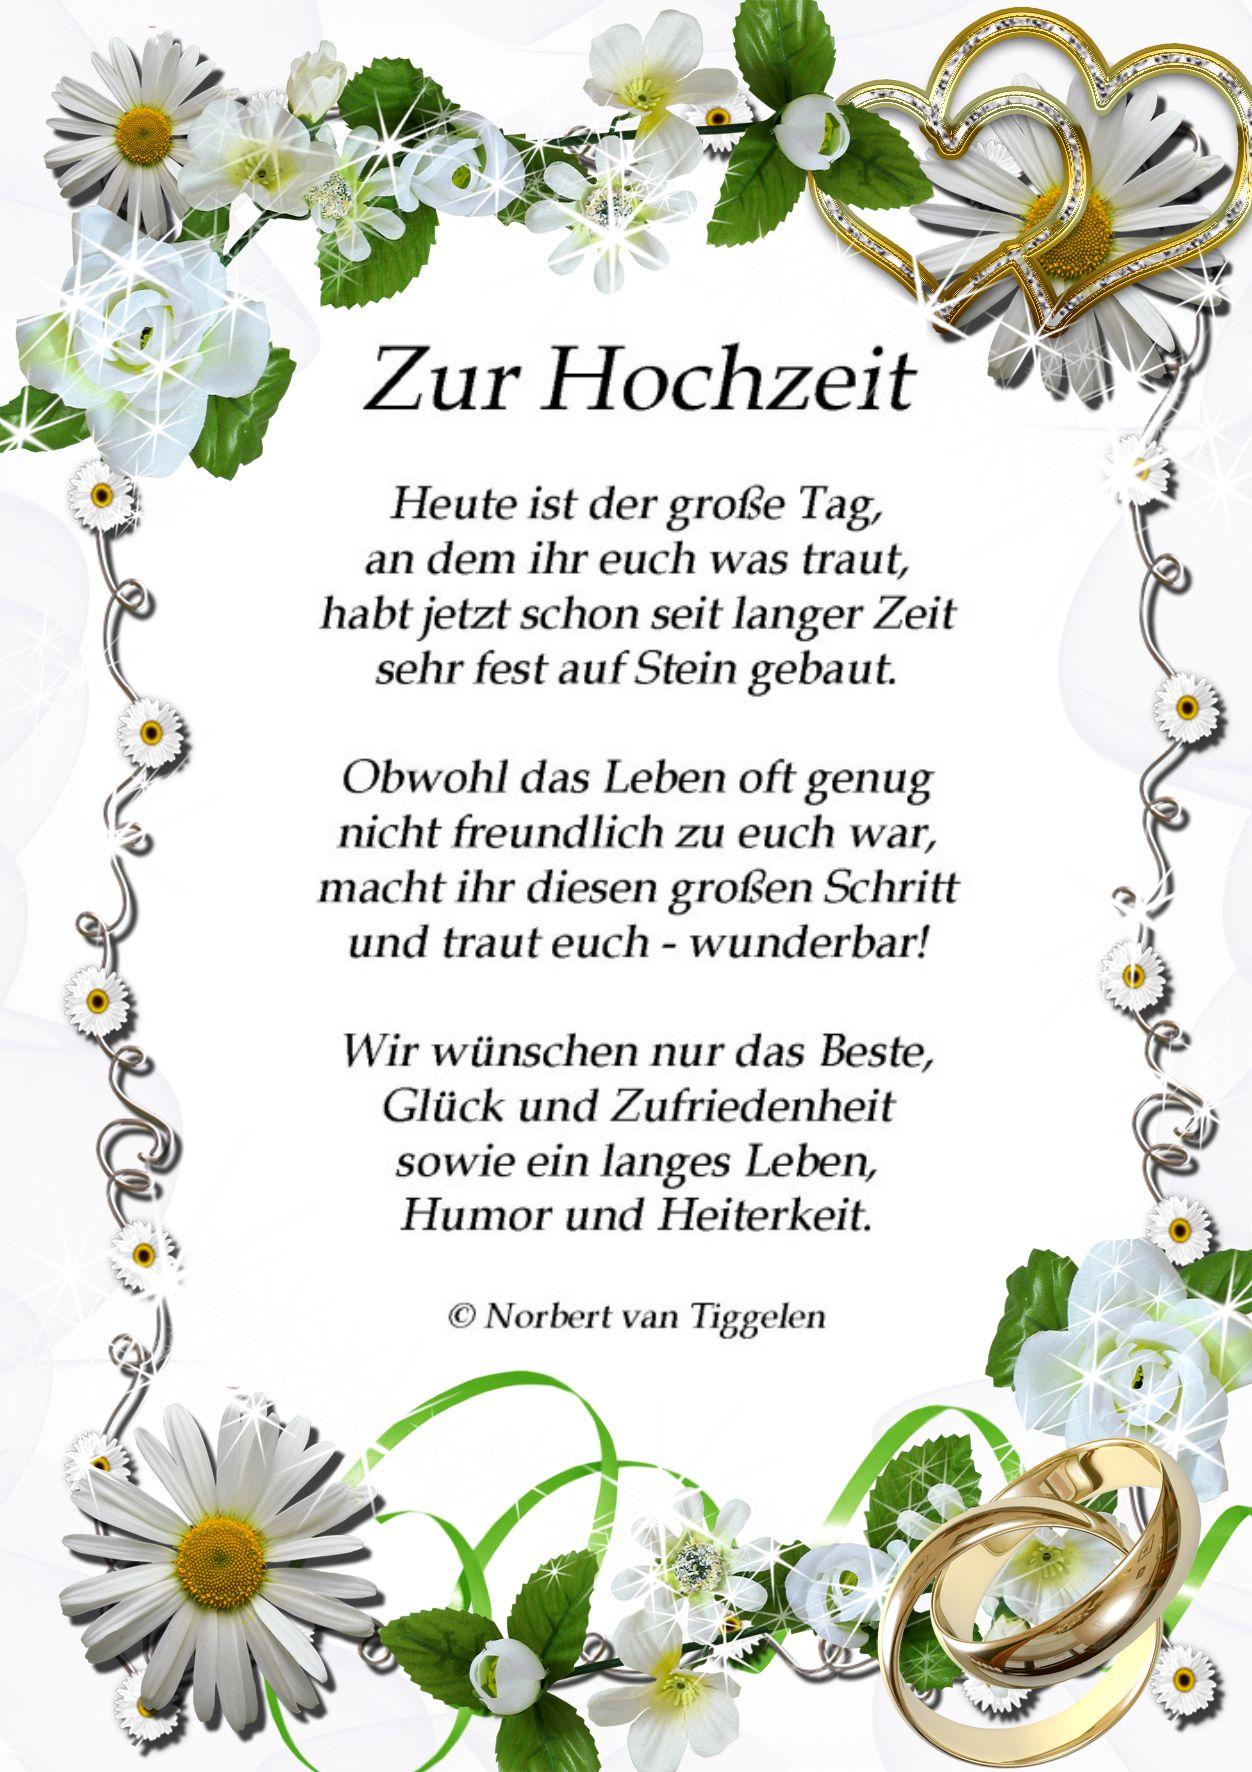 Mit Einem Klick Auf Dieses Gedicht Besuchen Sie Das Buch Wortschatze Von Norbert Van Tiggelen Indem Spruche Hochzeit Gluckwunsche Hochzeit Eiserne Hochzeit